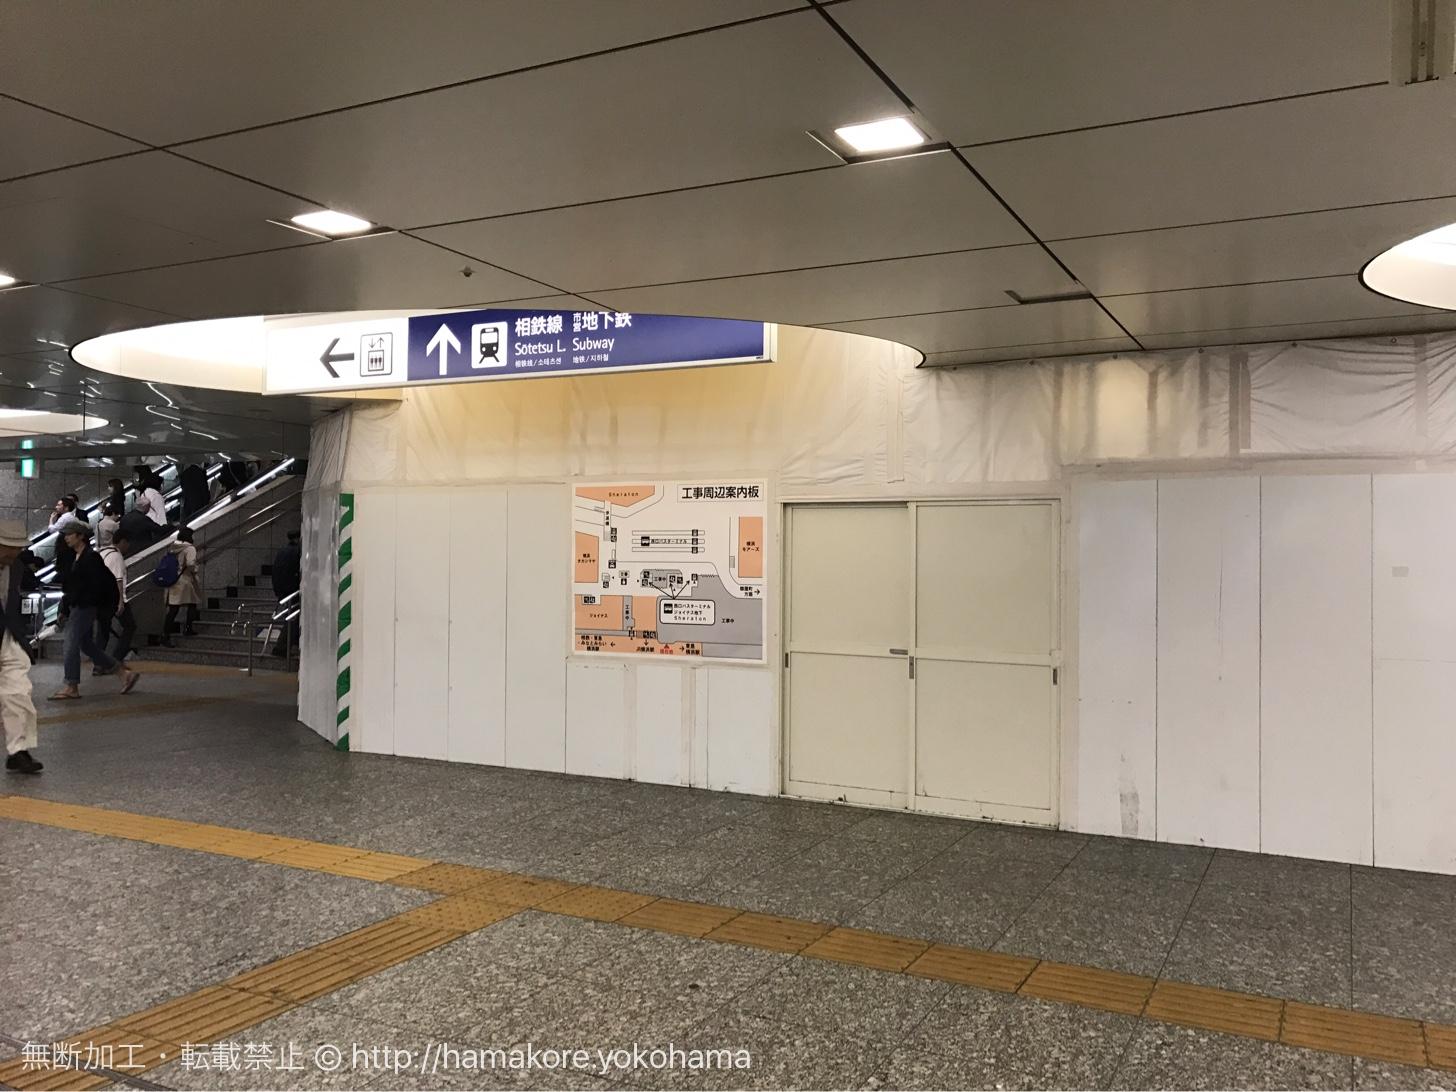 直近まで封鎖されていた横浜駅西口の階段